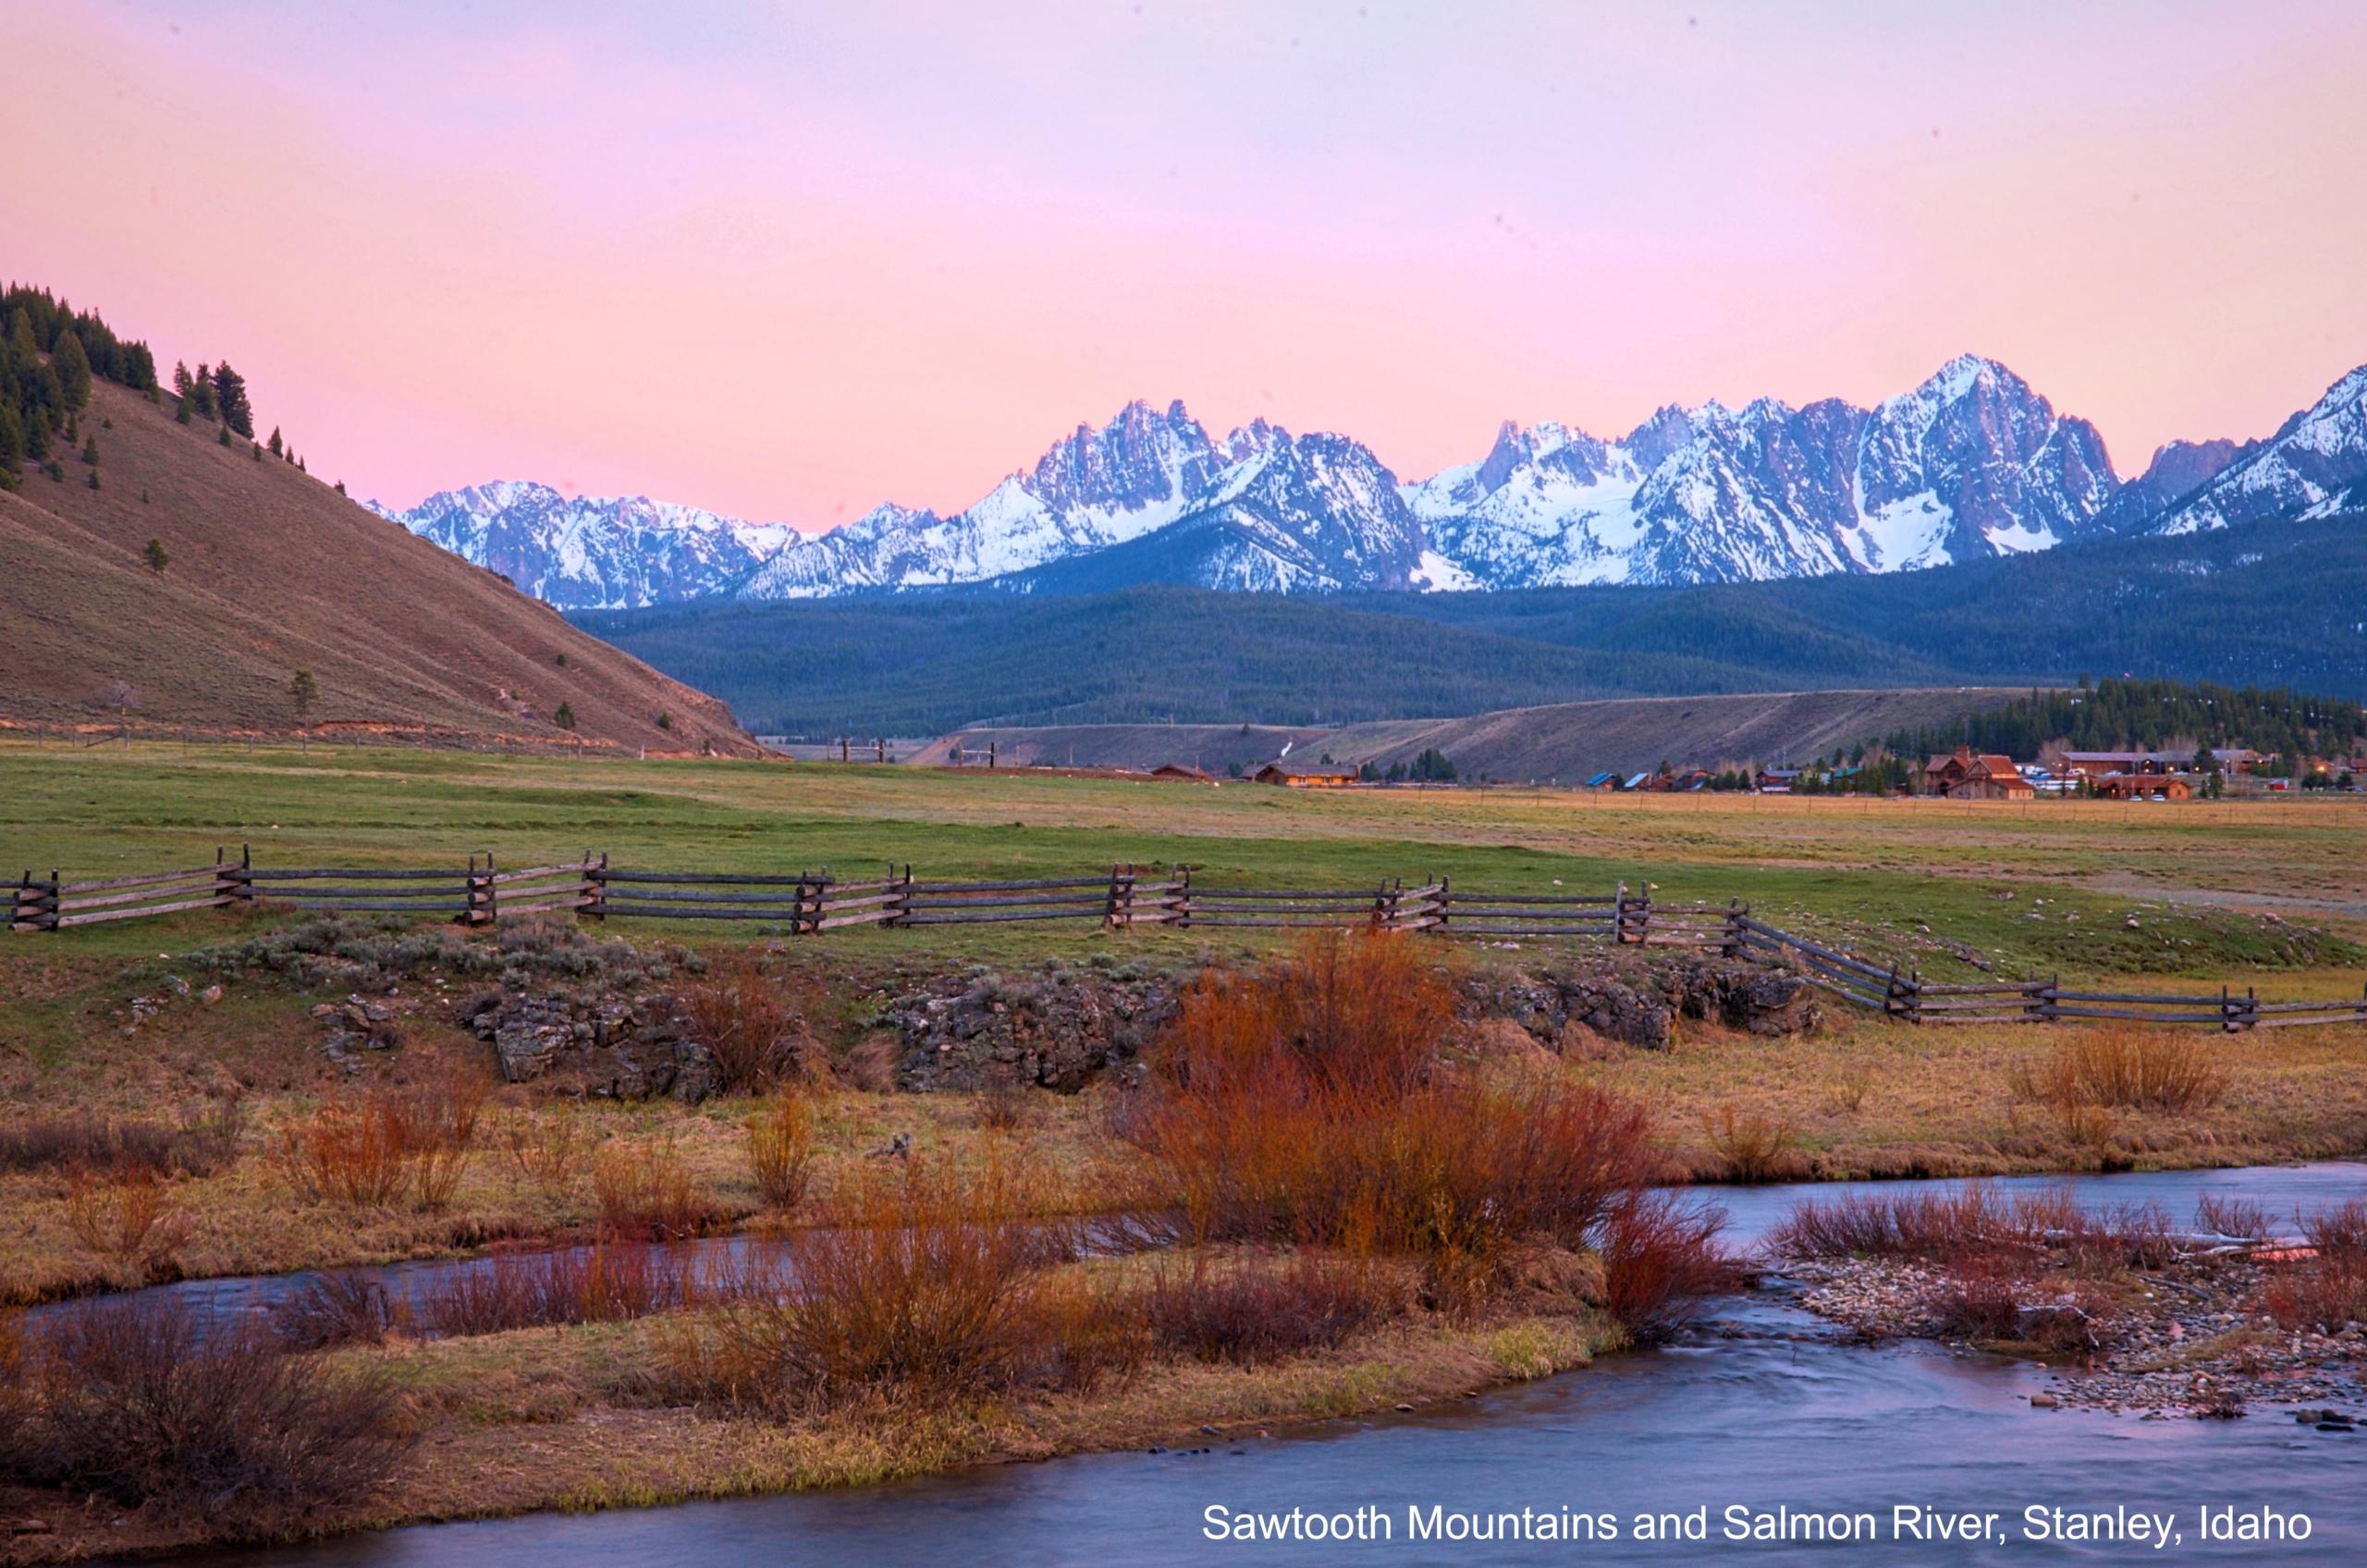 Stanley Idaho, Sawtooth Mountains, Salmon River